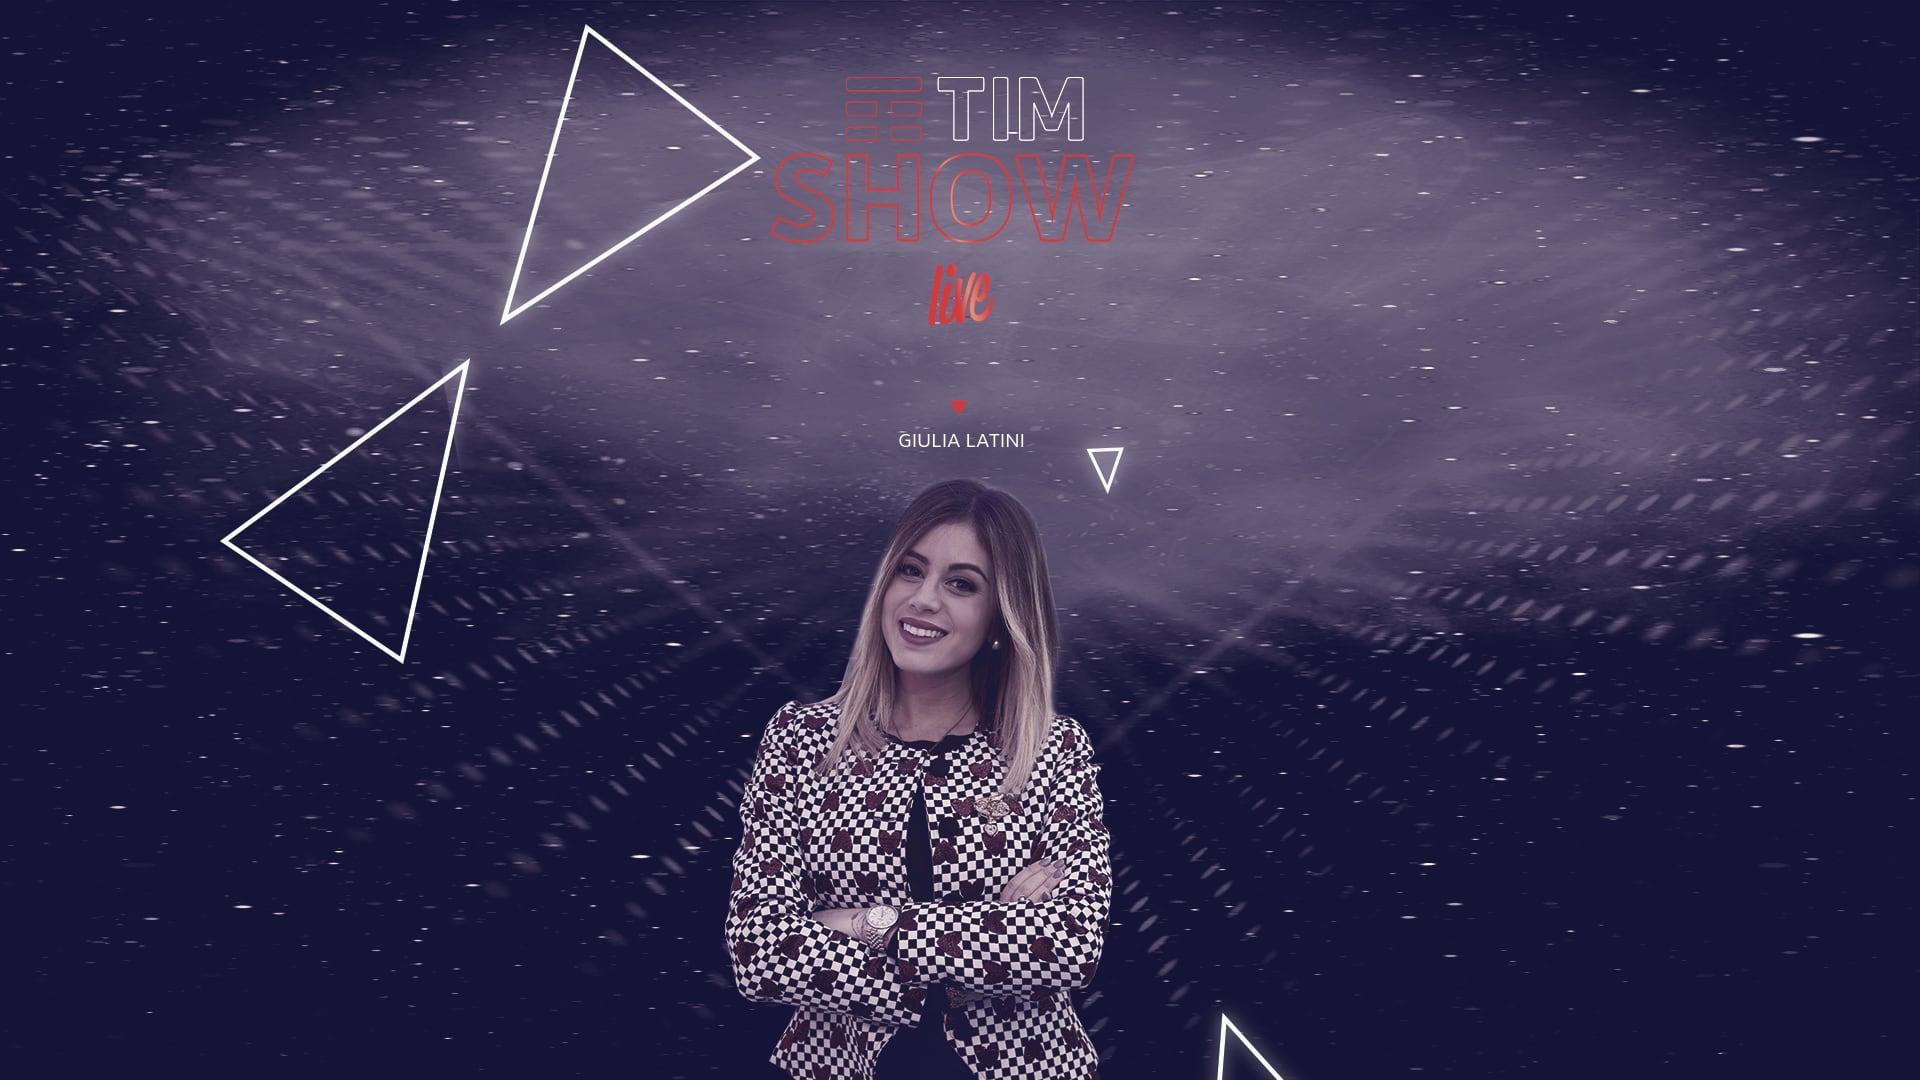 Sanremo 2018 - Giulia Latini